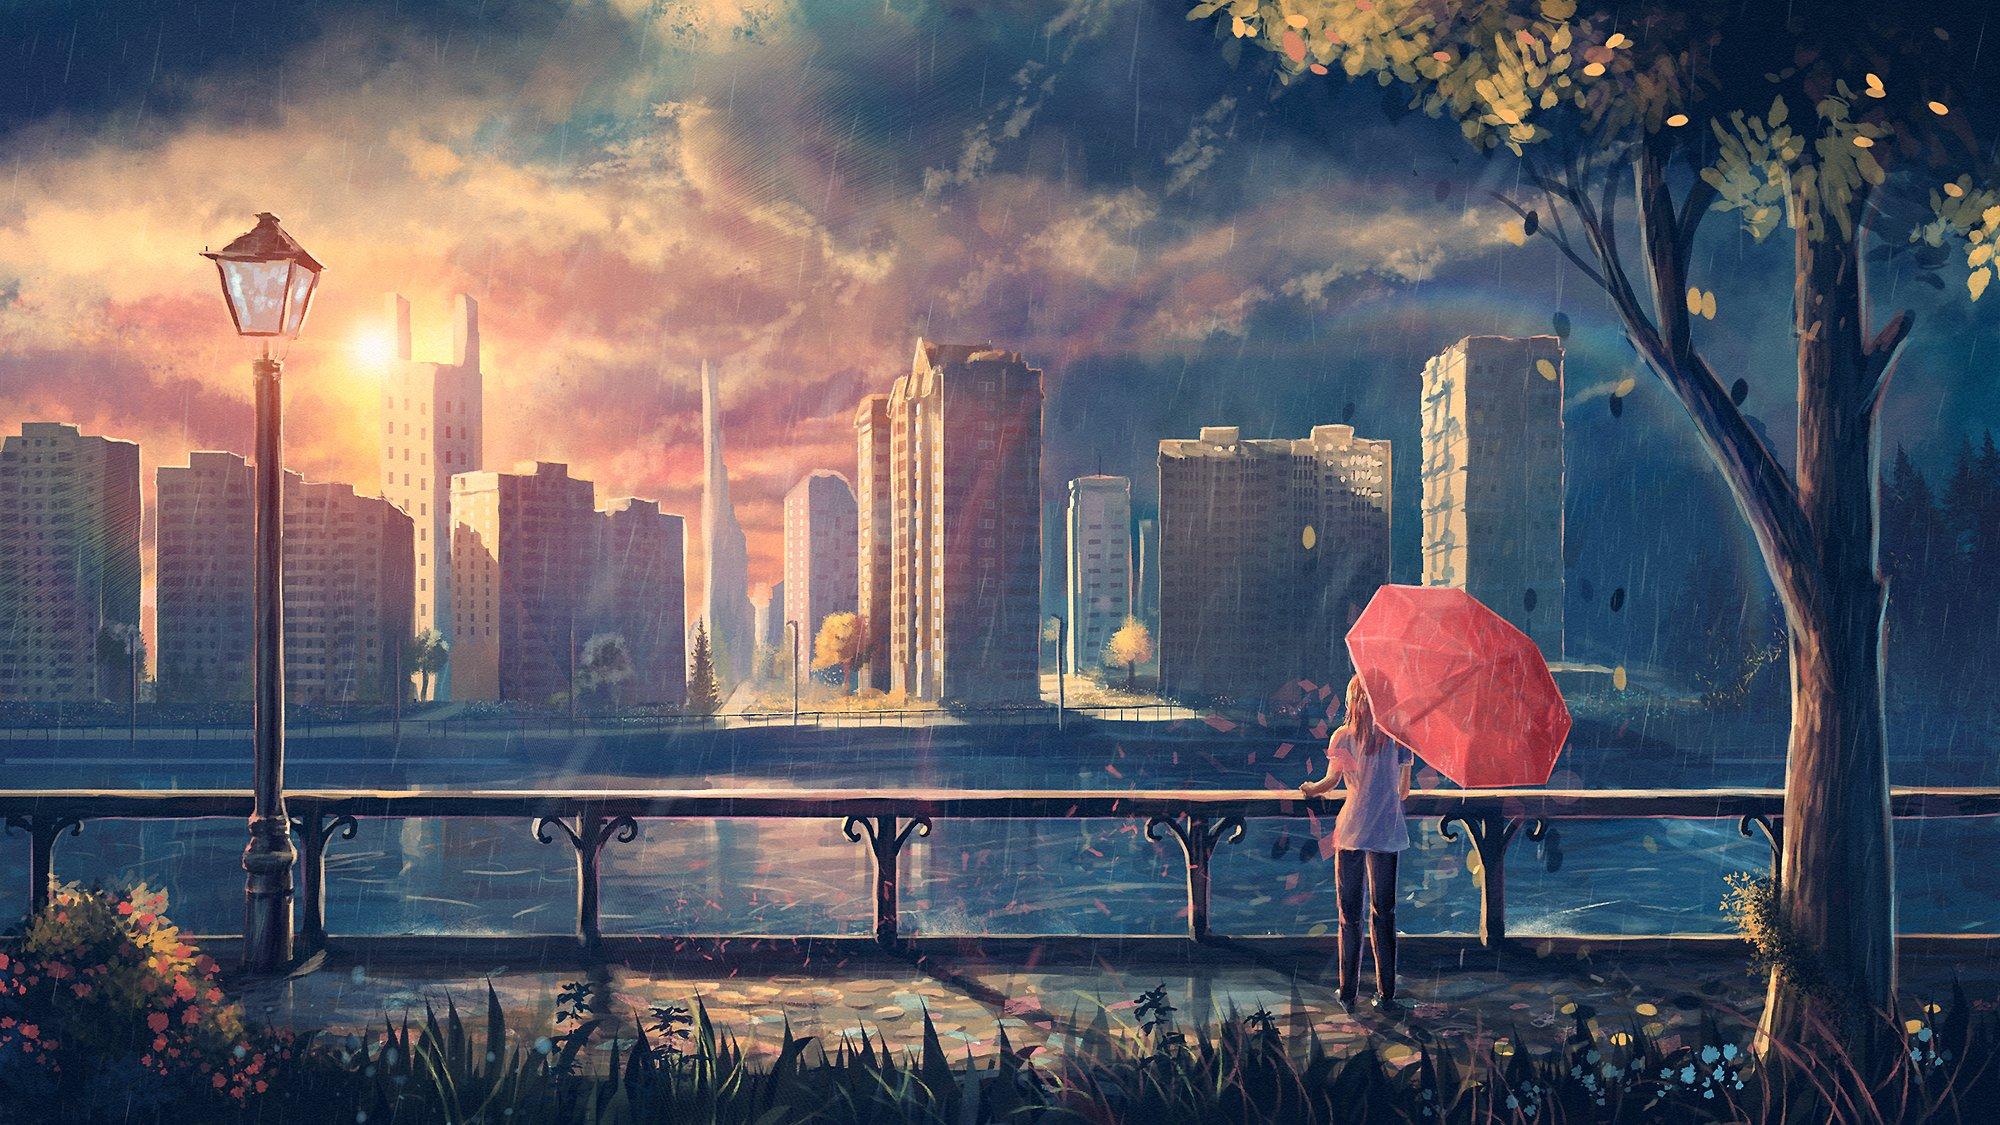 мужчина пристань зонт дождь без смс